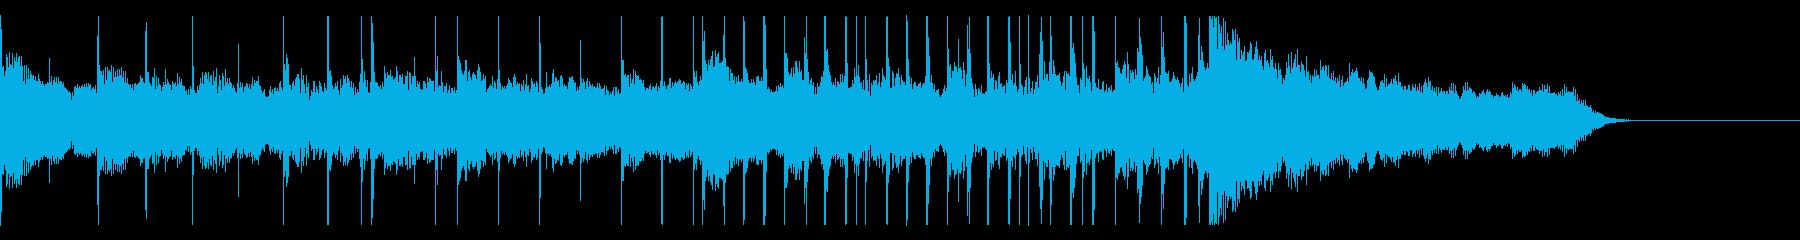 ボイスパーカッションでやさしいBGM1の再生済みの波形